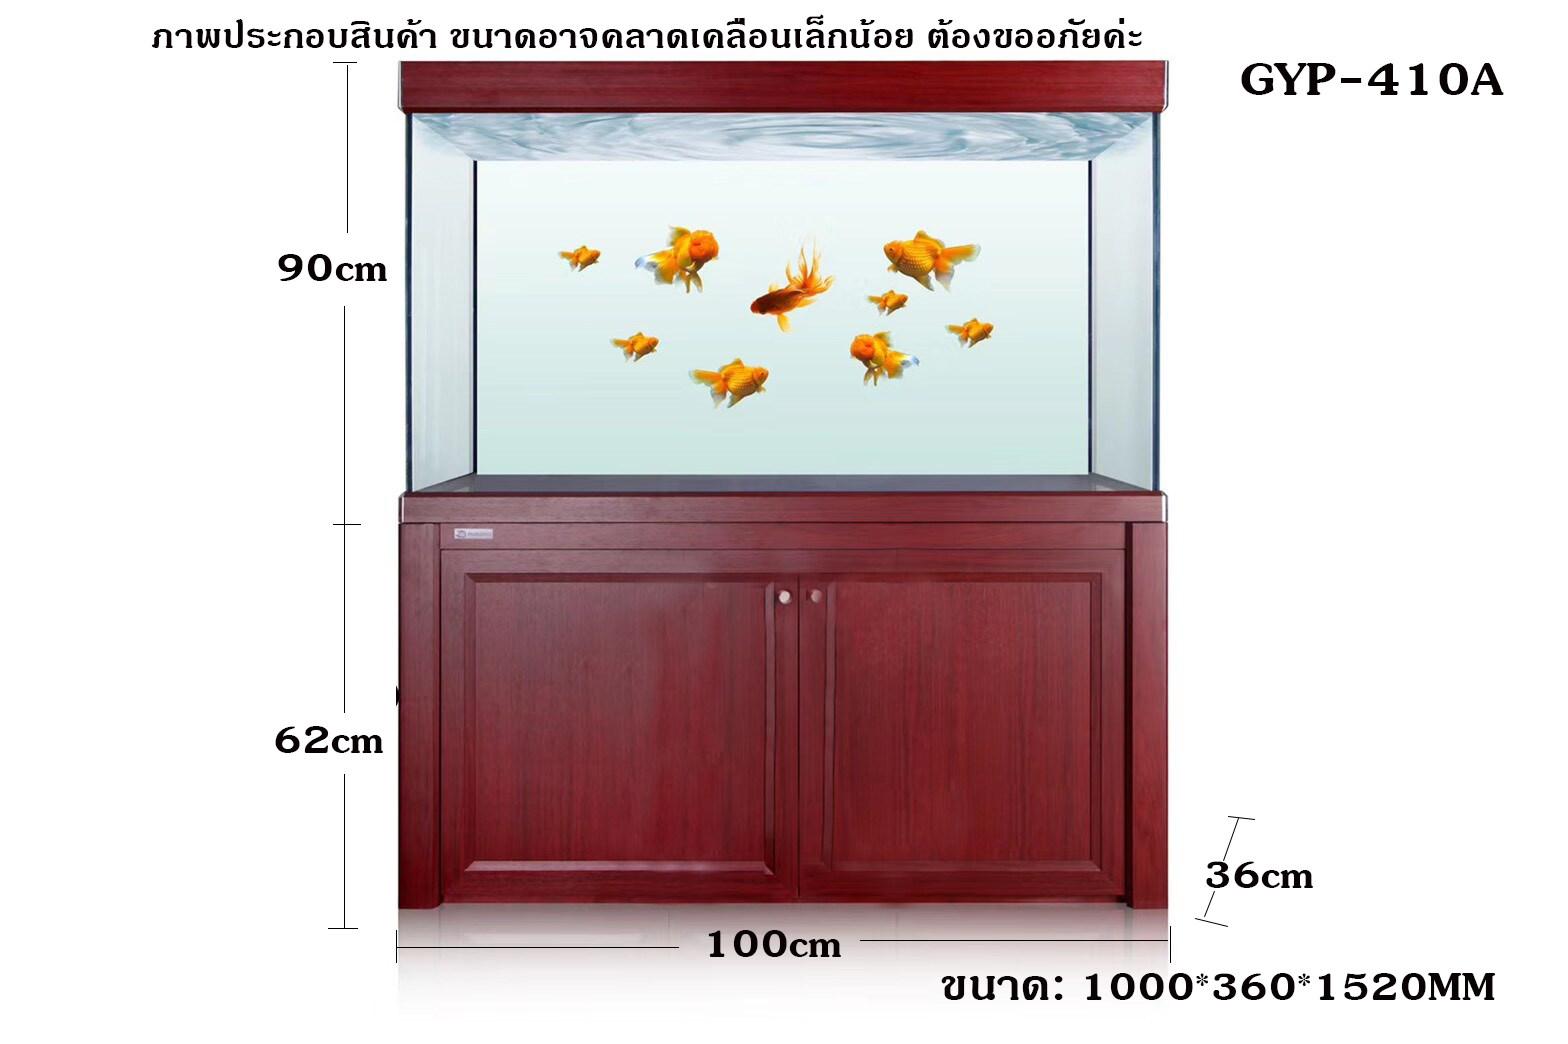 ตู้ปลาห้องนั่งเล่น ตู้ปลาขนาดใหญ่ ตู้ปลาพร้อมส่ง GYP-410A/410B/411A/411B/412A/412B